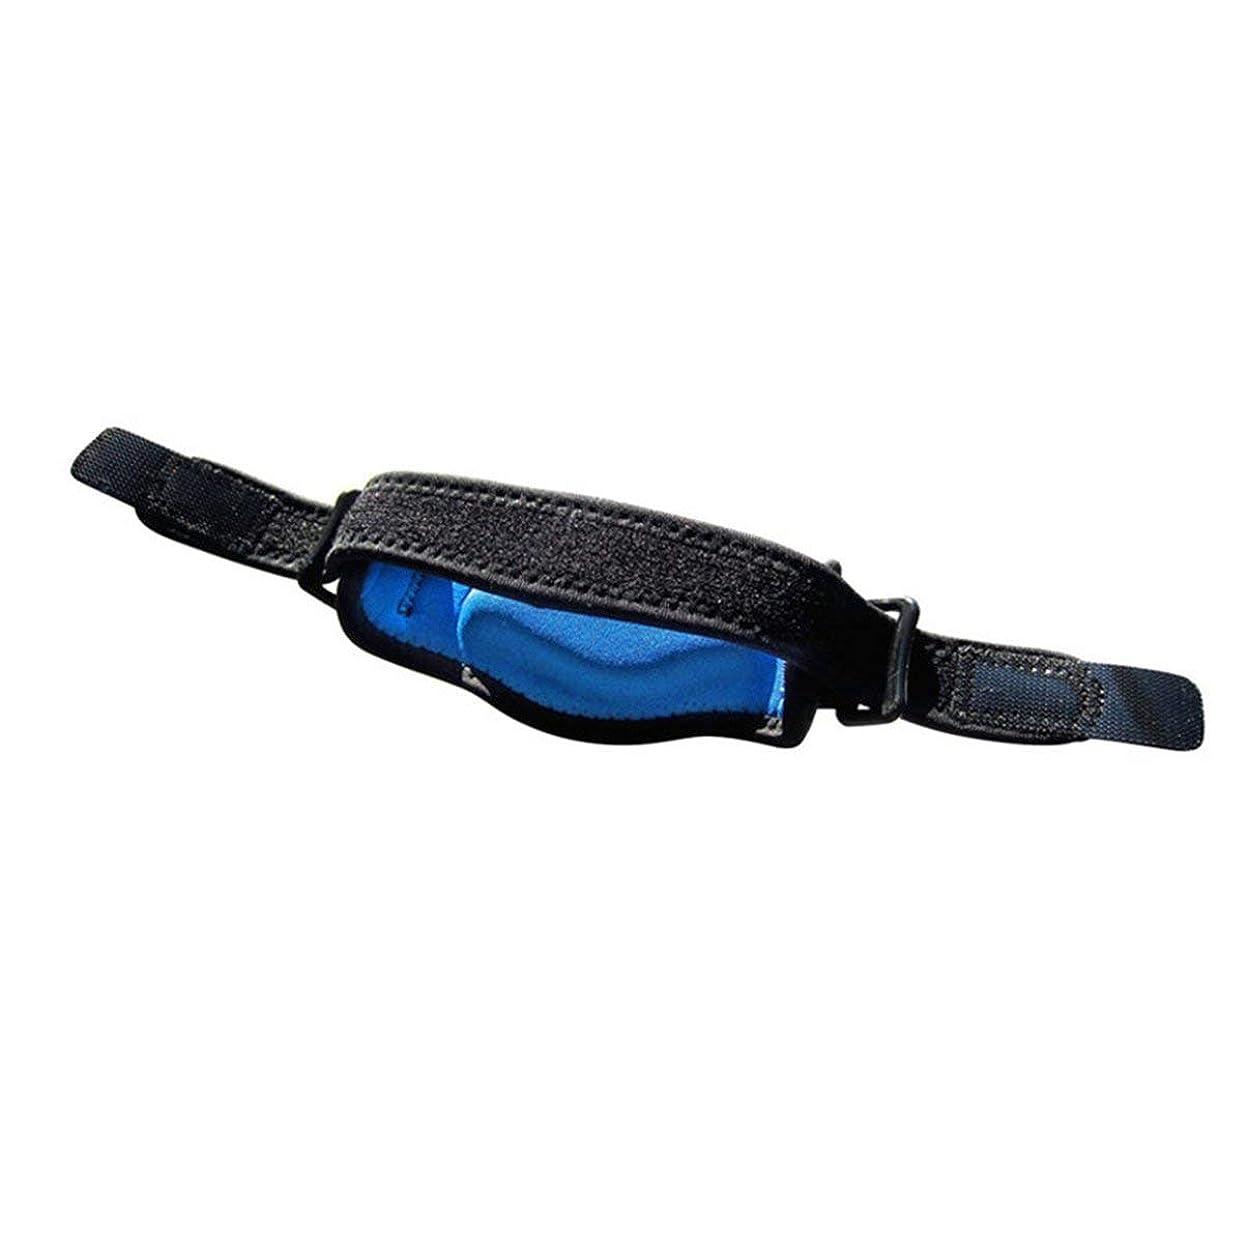 ジョージエリオット姓のヒープ調節可能なテニス肘サポートストラップブレースゴルフ前腕痛み緩和